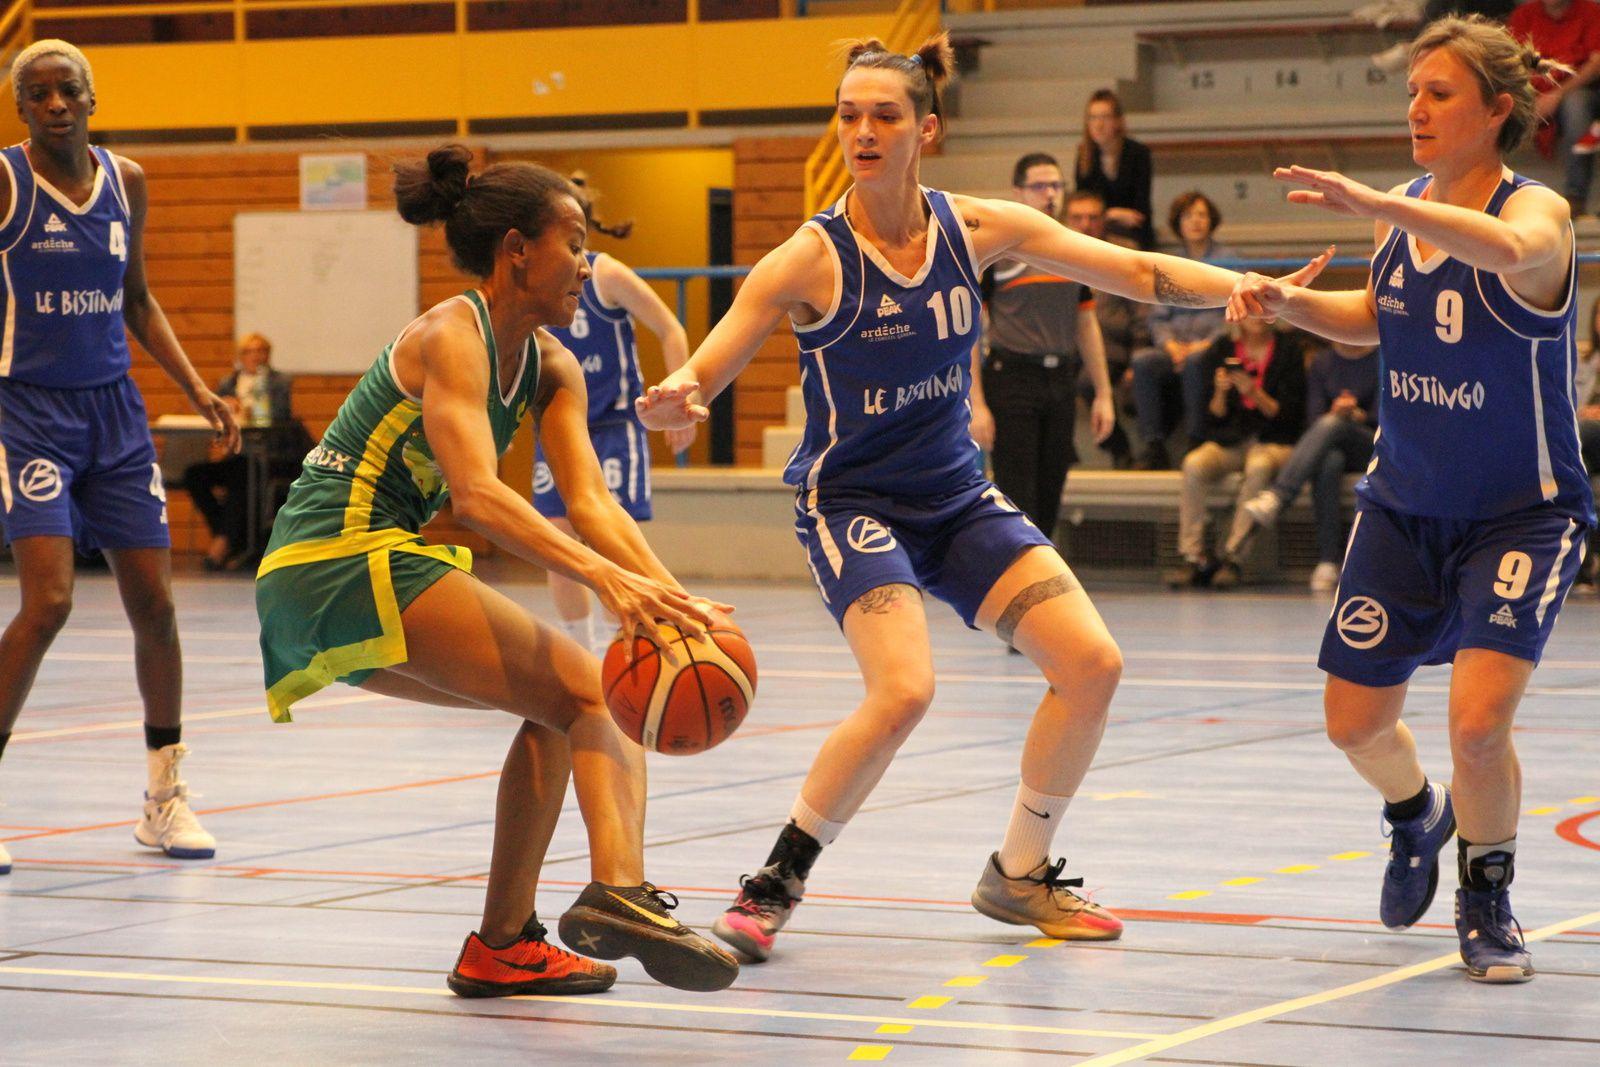 L'ALVP Basket a cartonné les Ardéchoises de Saint-Jean-de-Muzols - Photos : @ Sports Vénissians